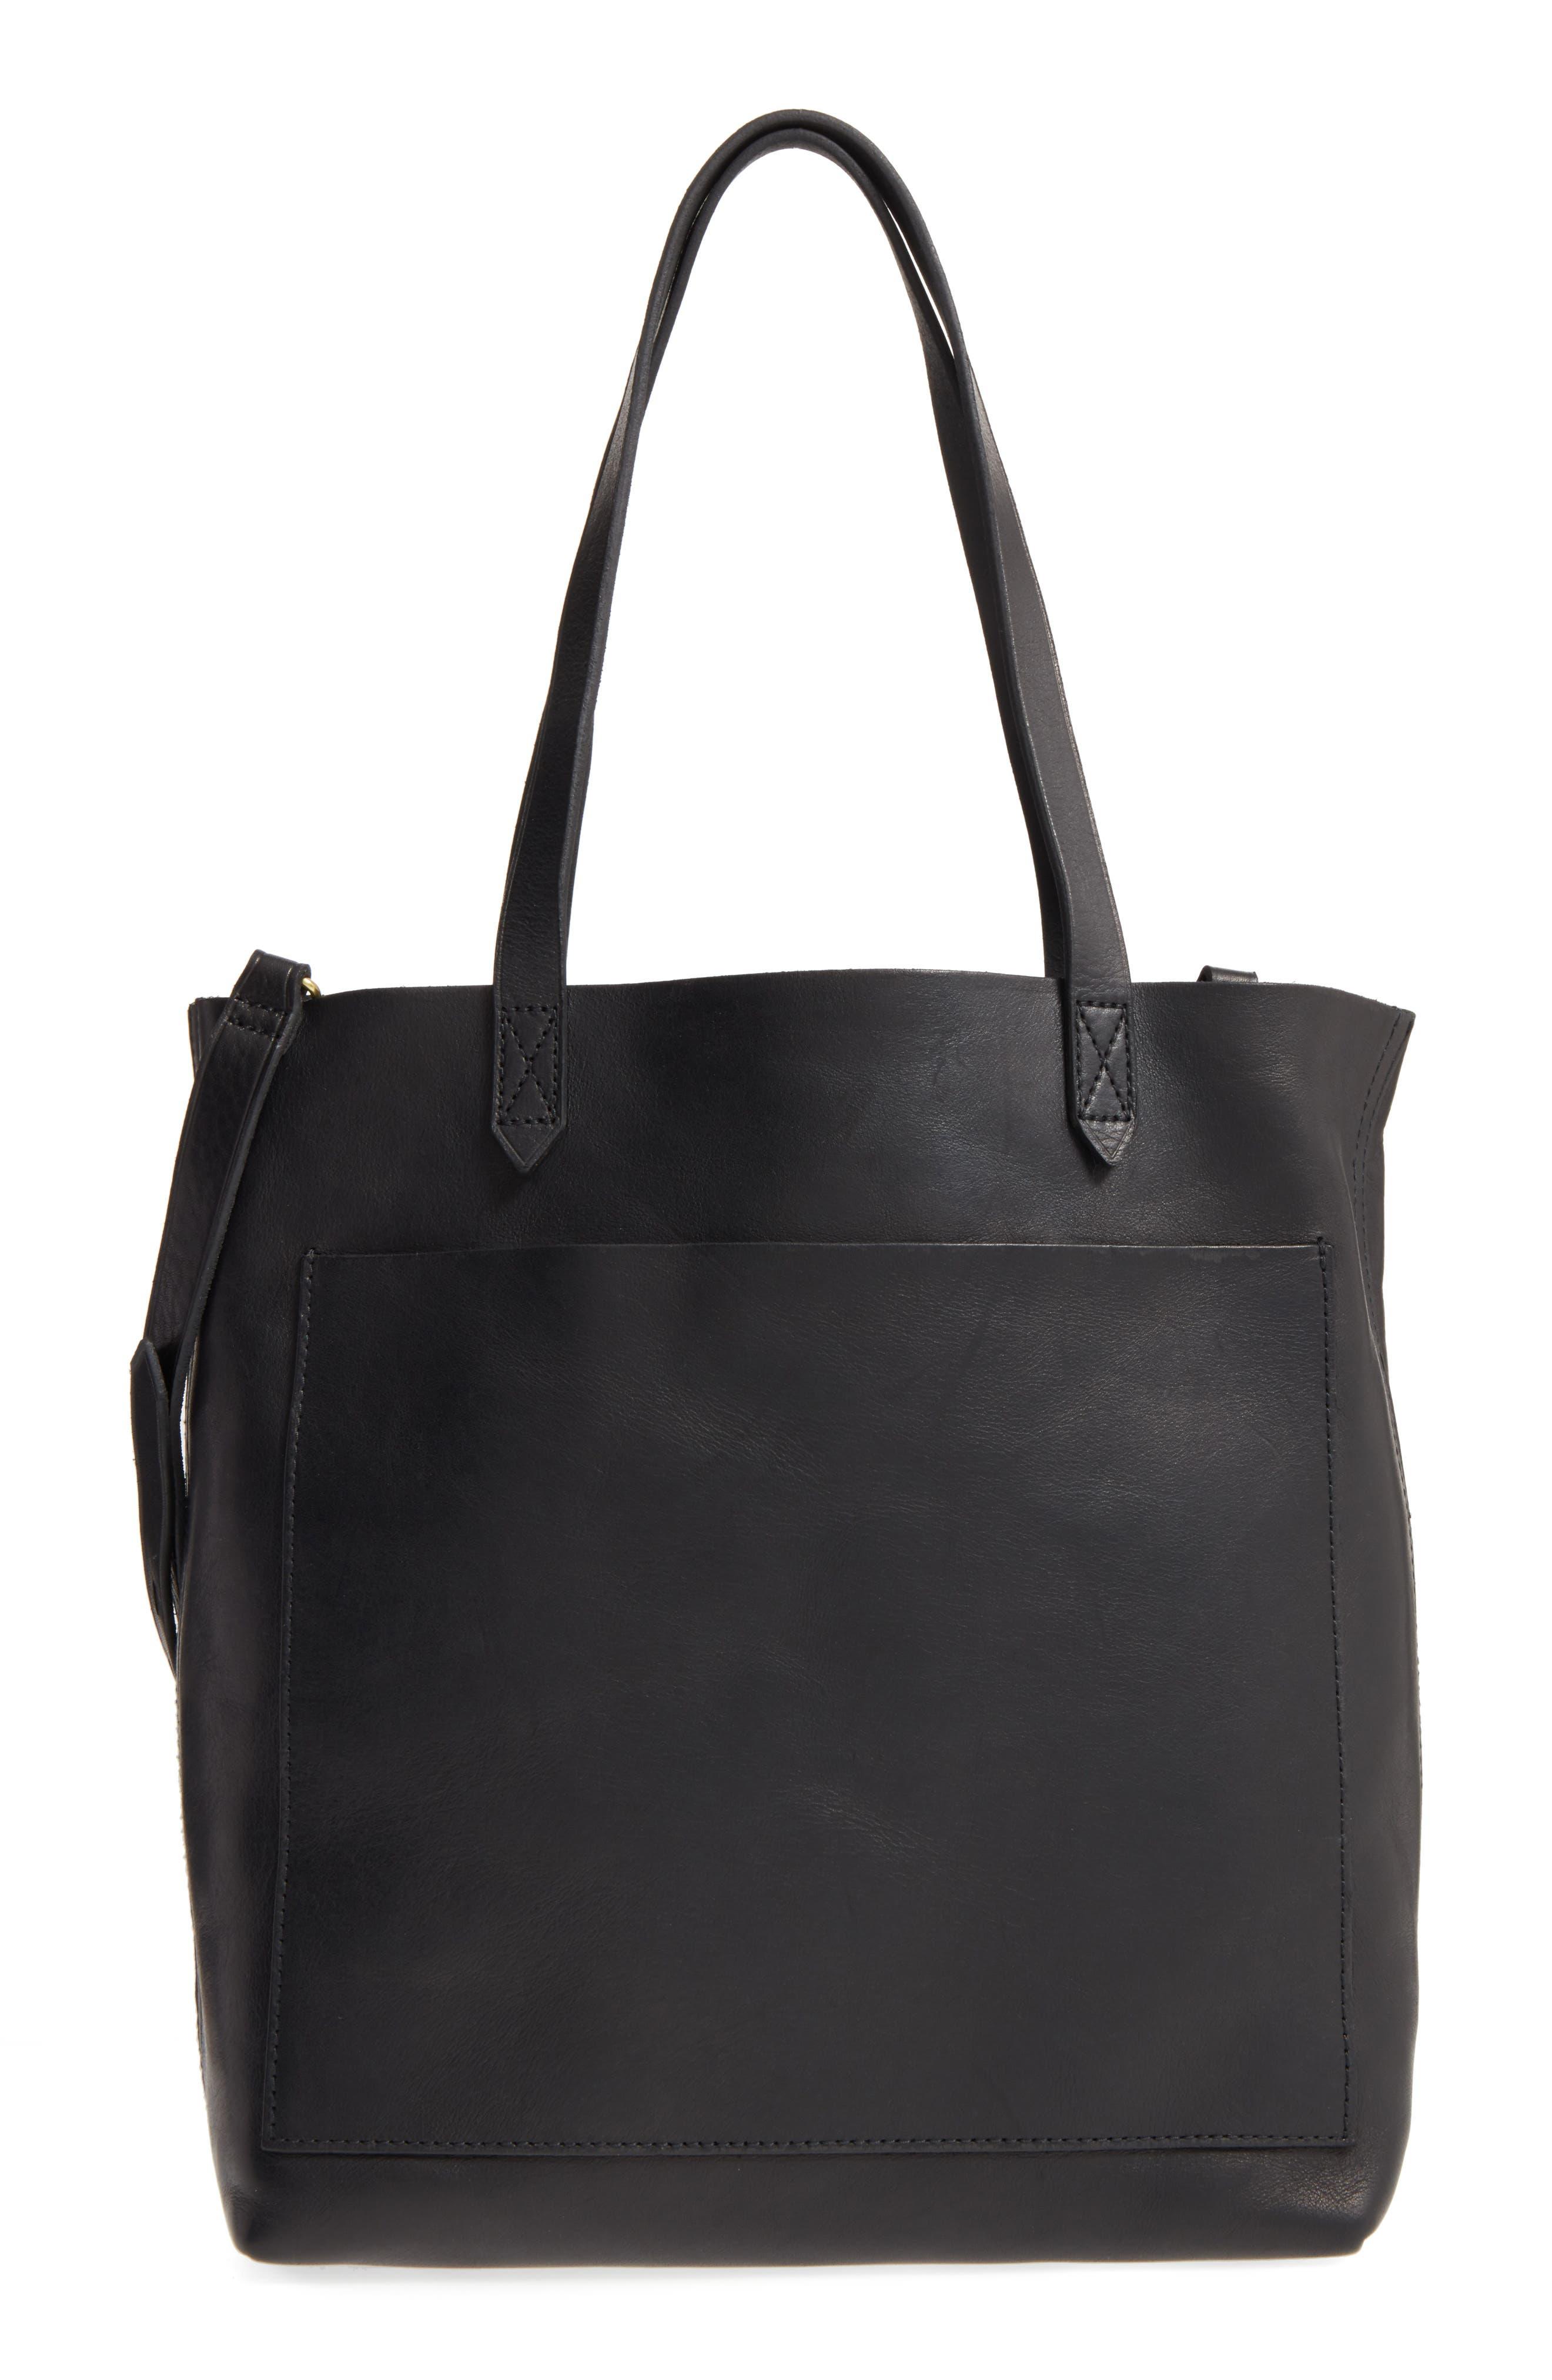 Medium Leather Transport Tote, Main, color, TRUE BLACK